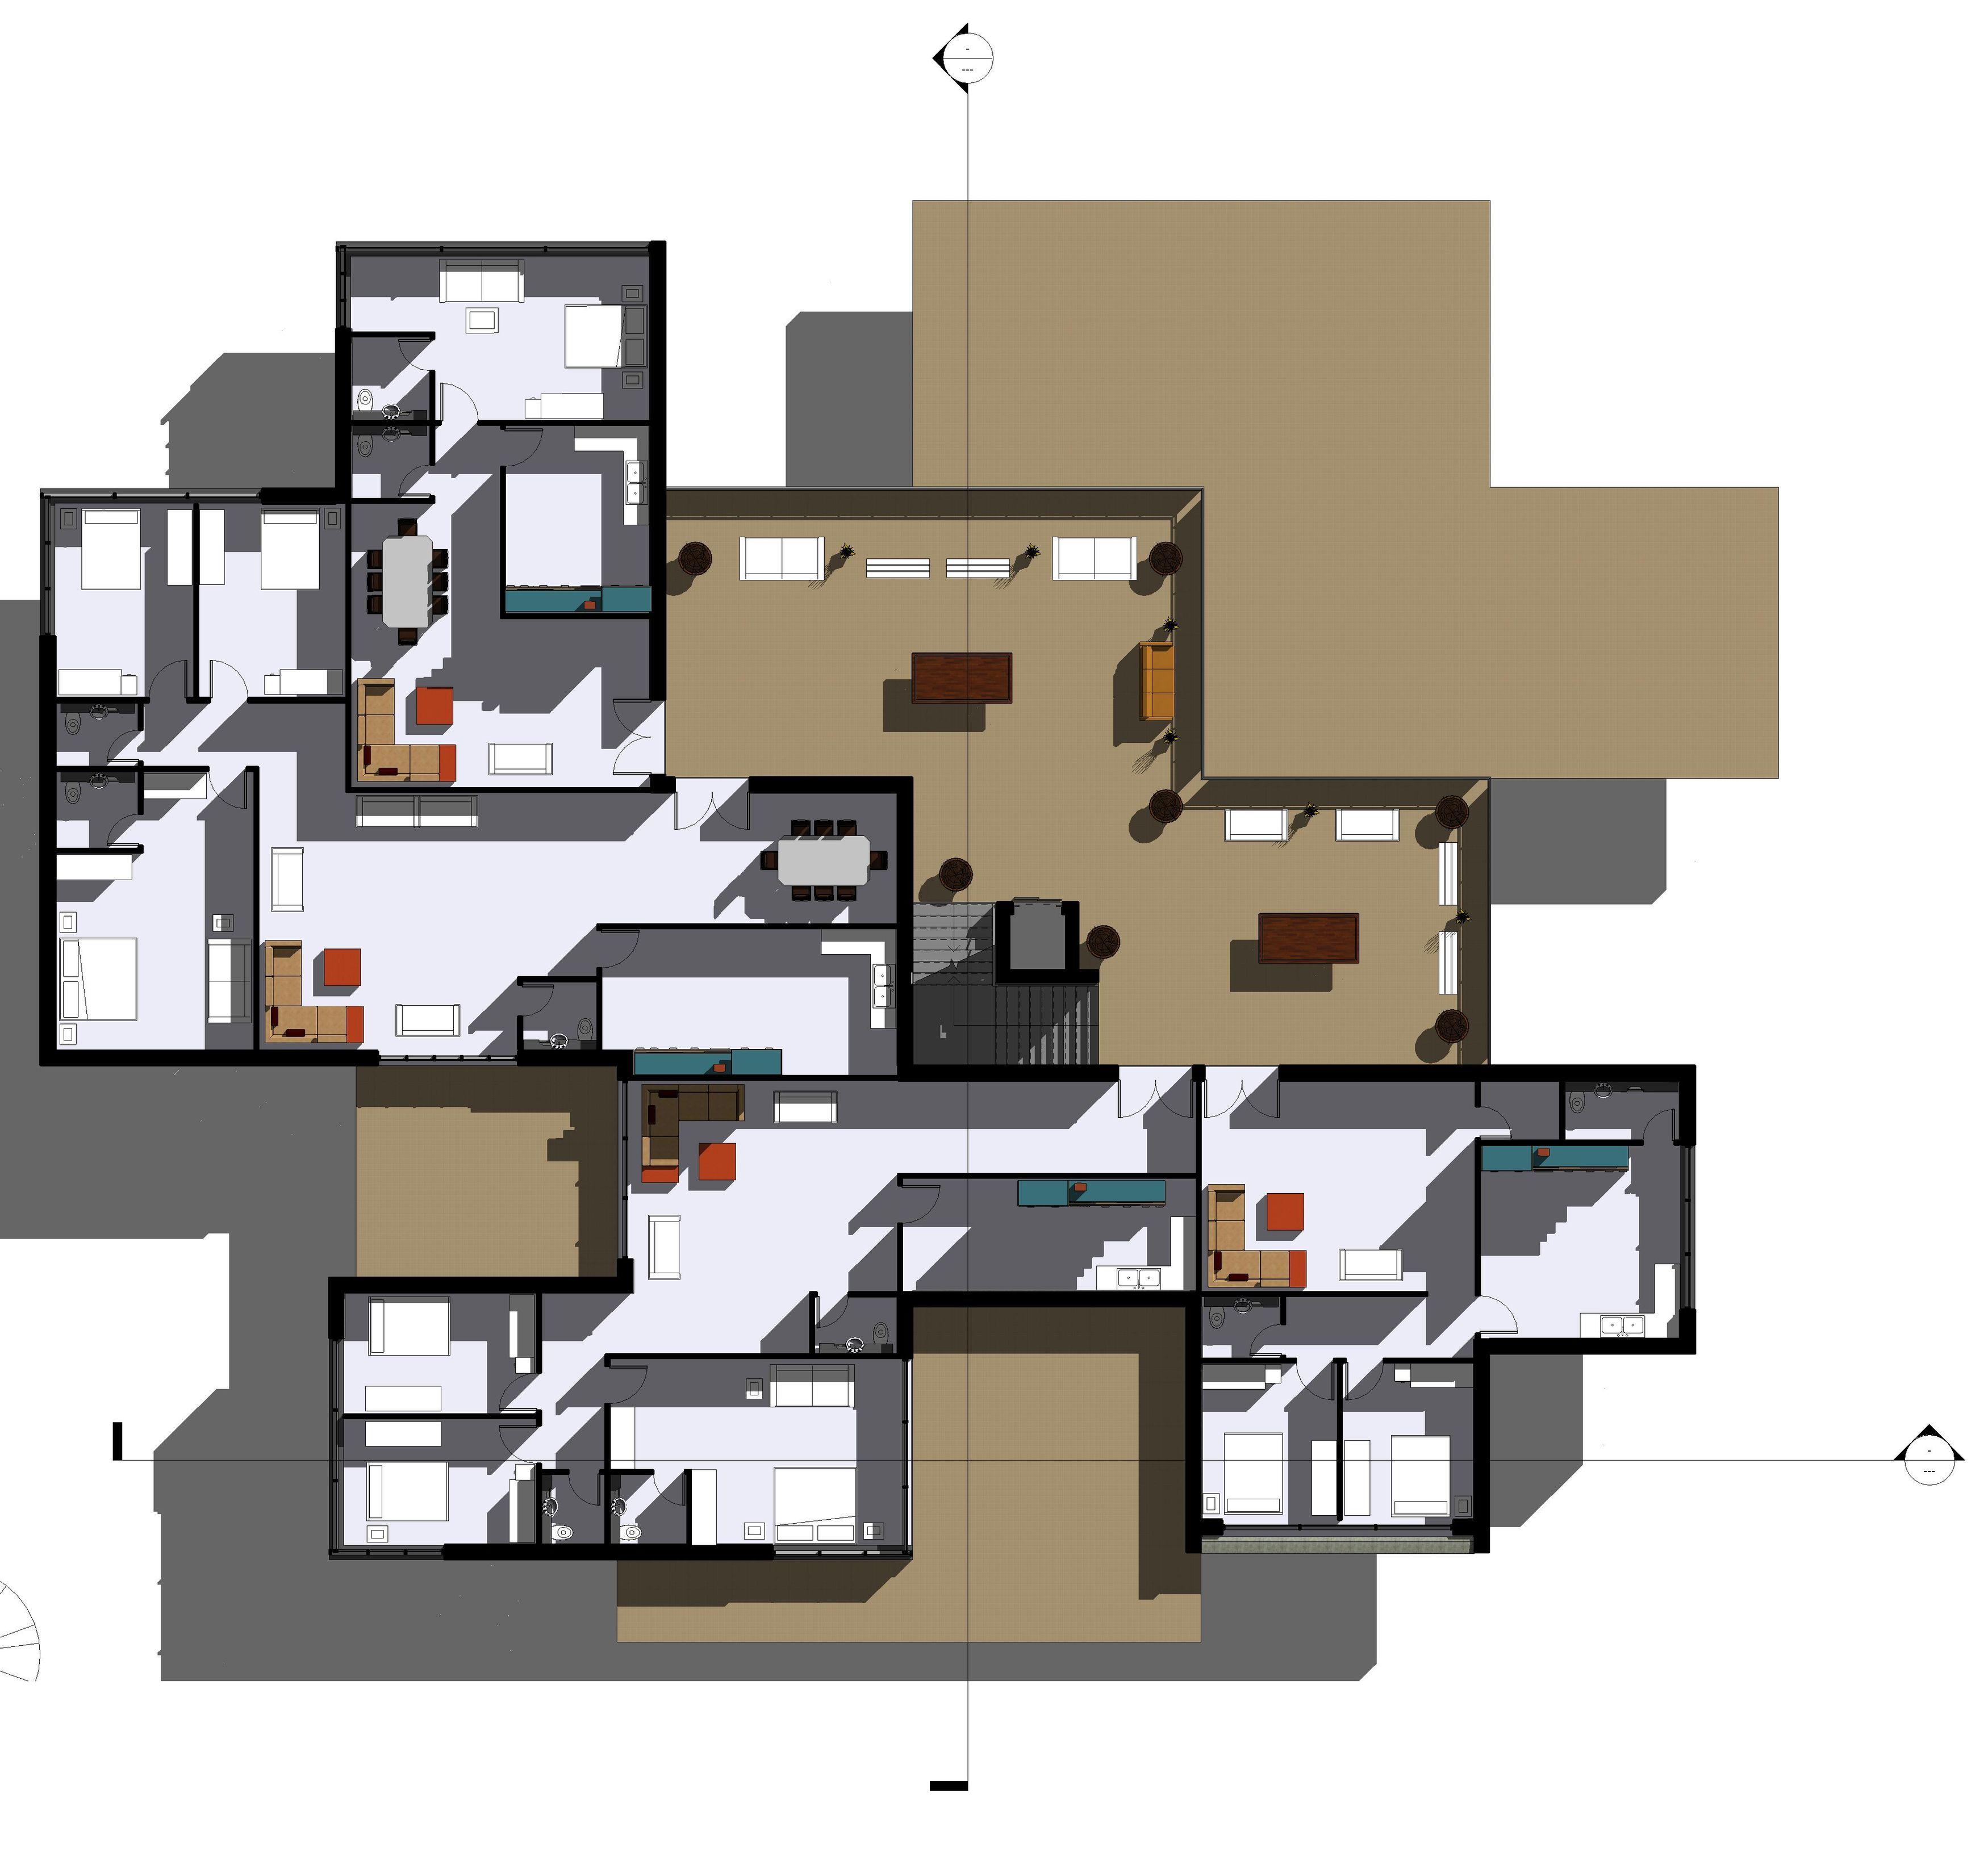 Prefinal----floor-plan---level-2-3500-3500